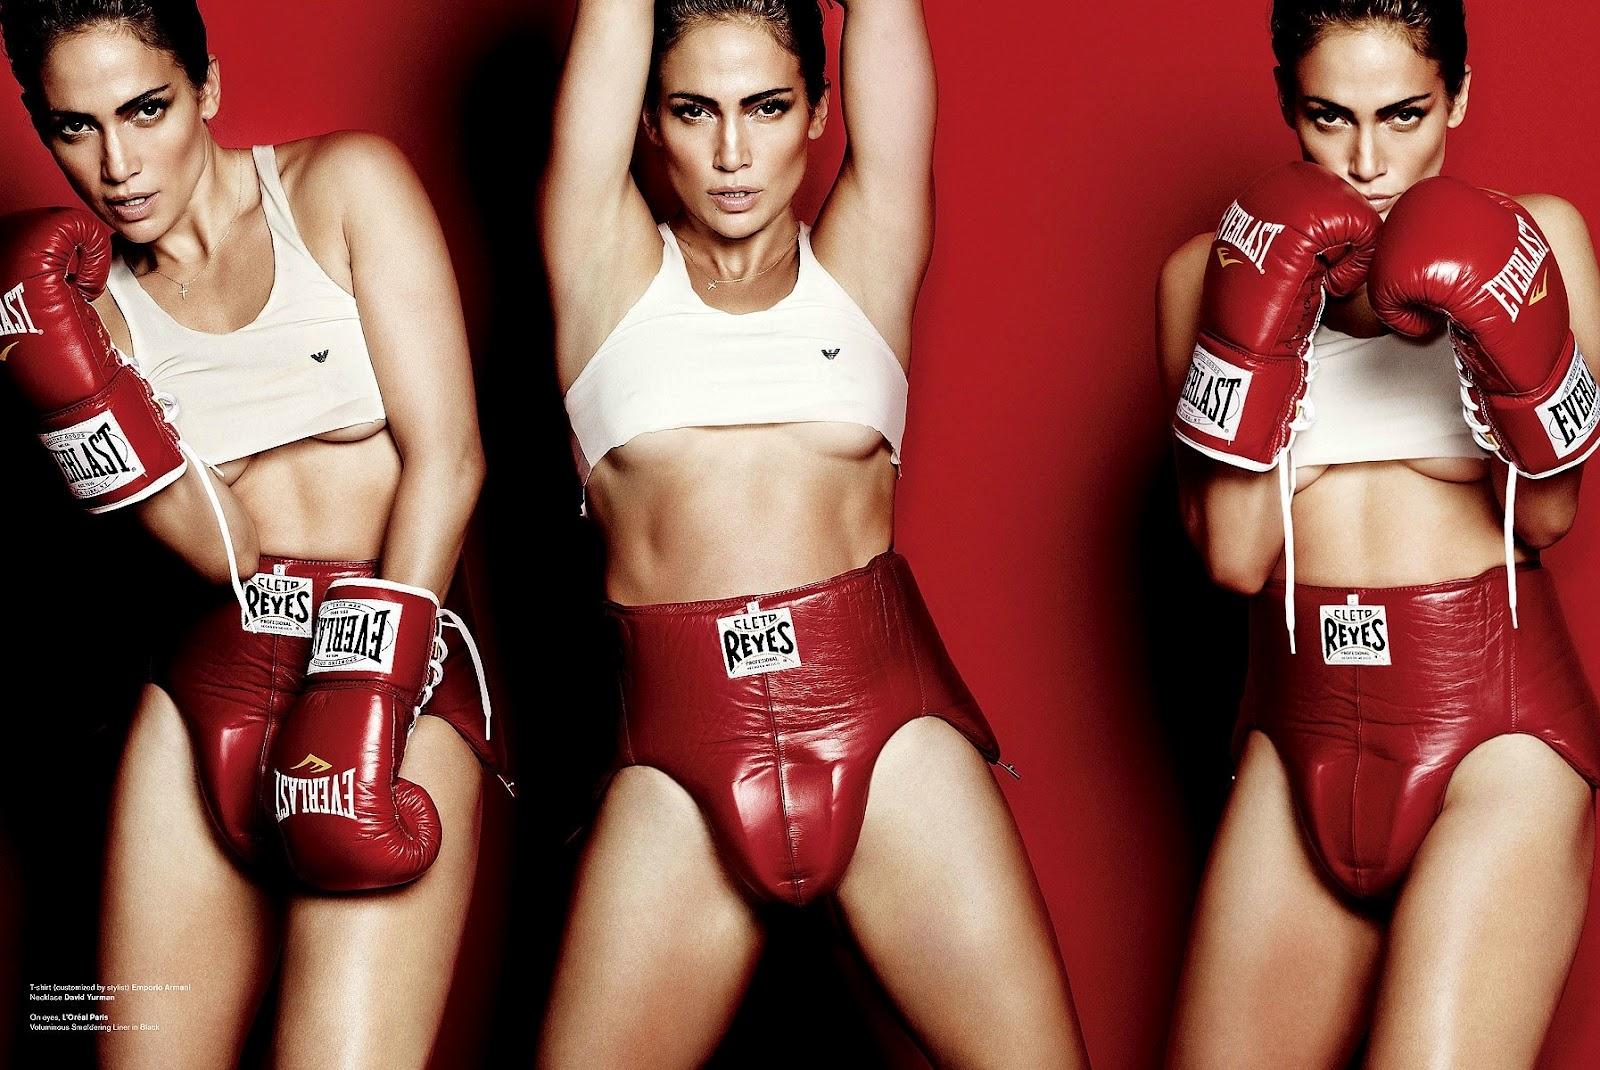 http://3.bp.blogspot.com/-6gBjjKTbVAY/T1CuDPfSltI/AAAAAAAAA4Y/guxP4Q1QYlI/s1600/Jennifer+Lopez+-+V+magazine\'s+Spring+sports+issue.jpg